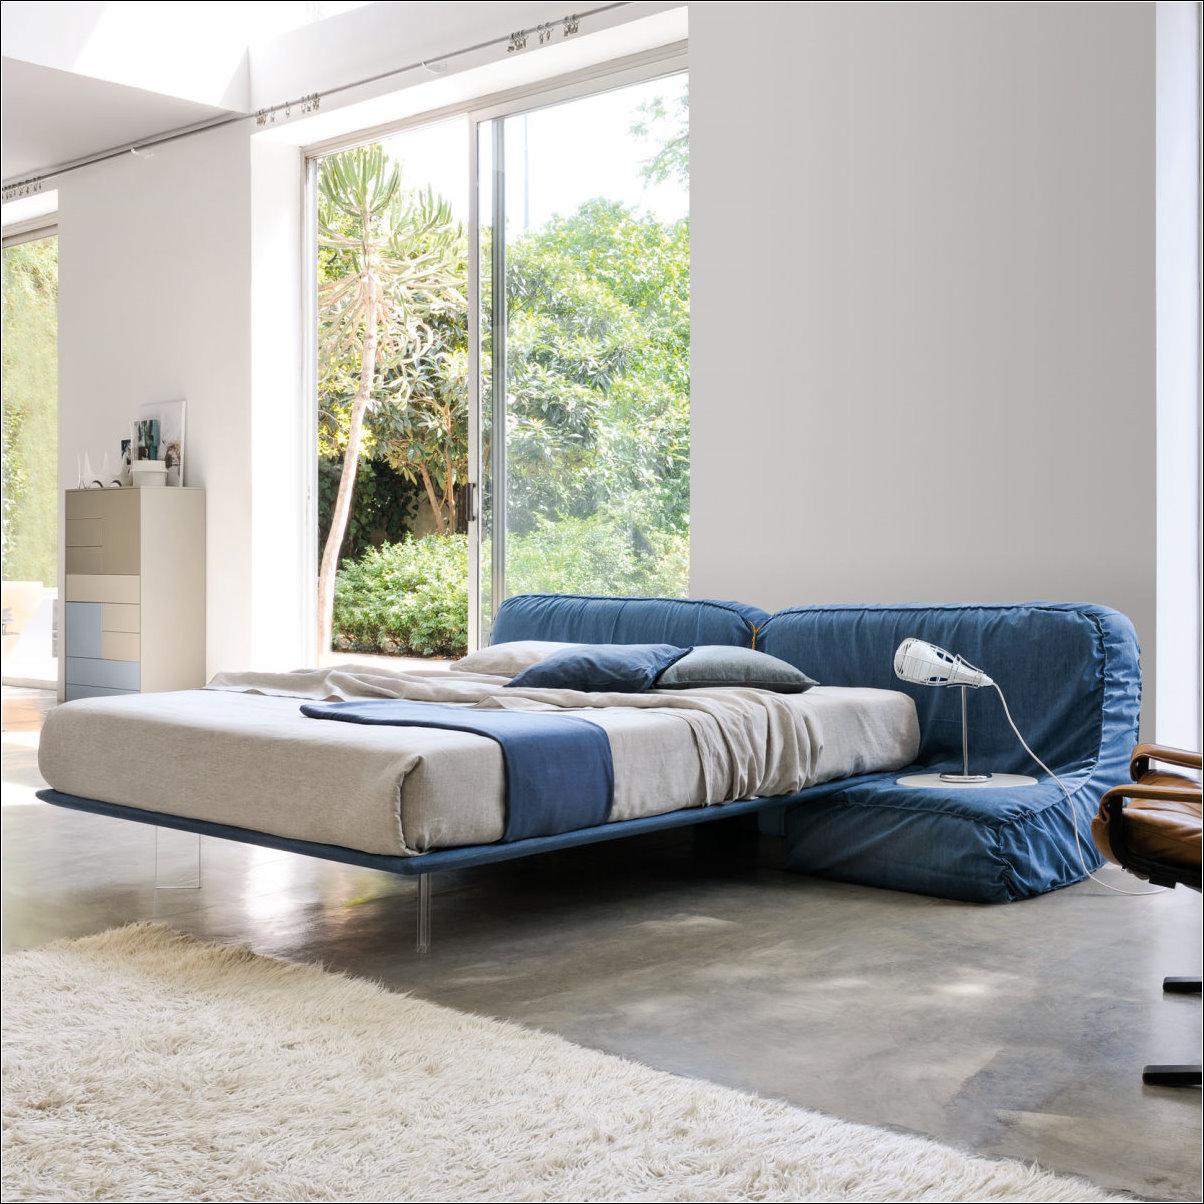 Arredaclick muebles italianos online cama acolchada for Muebles italianos online